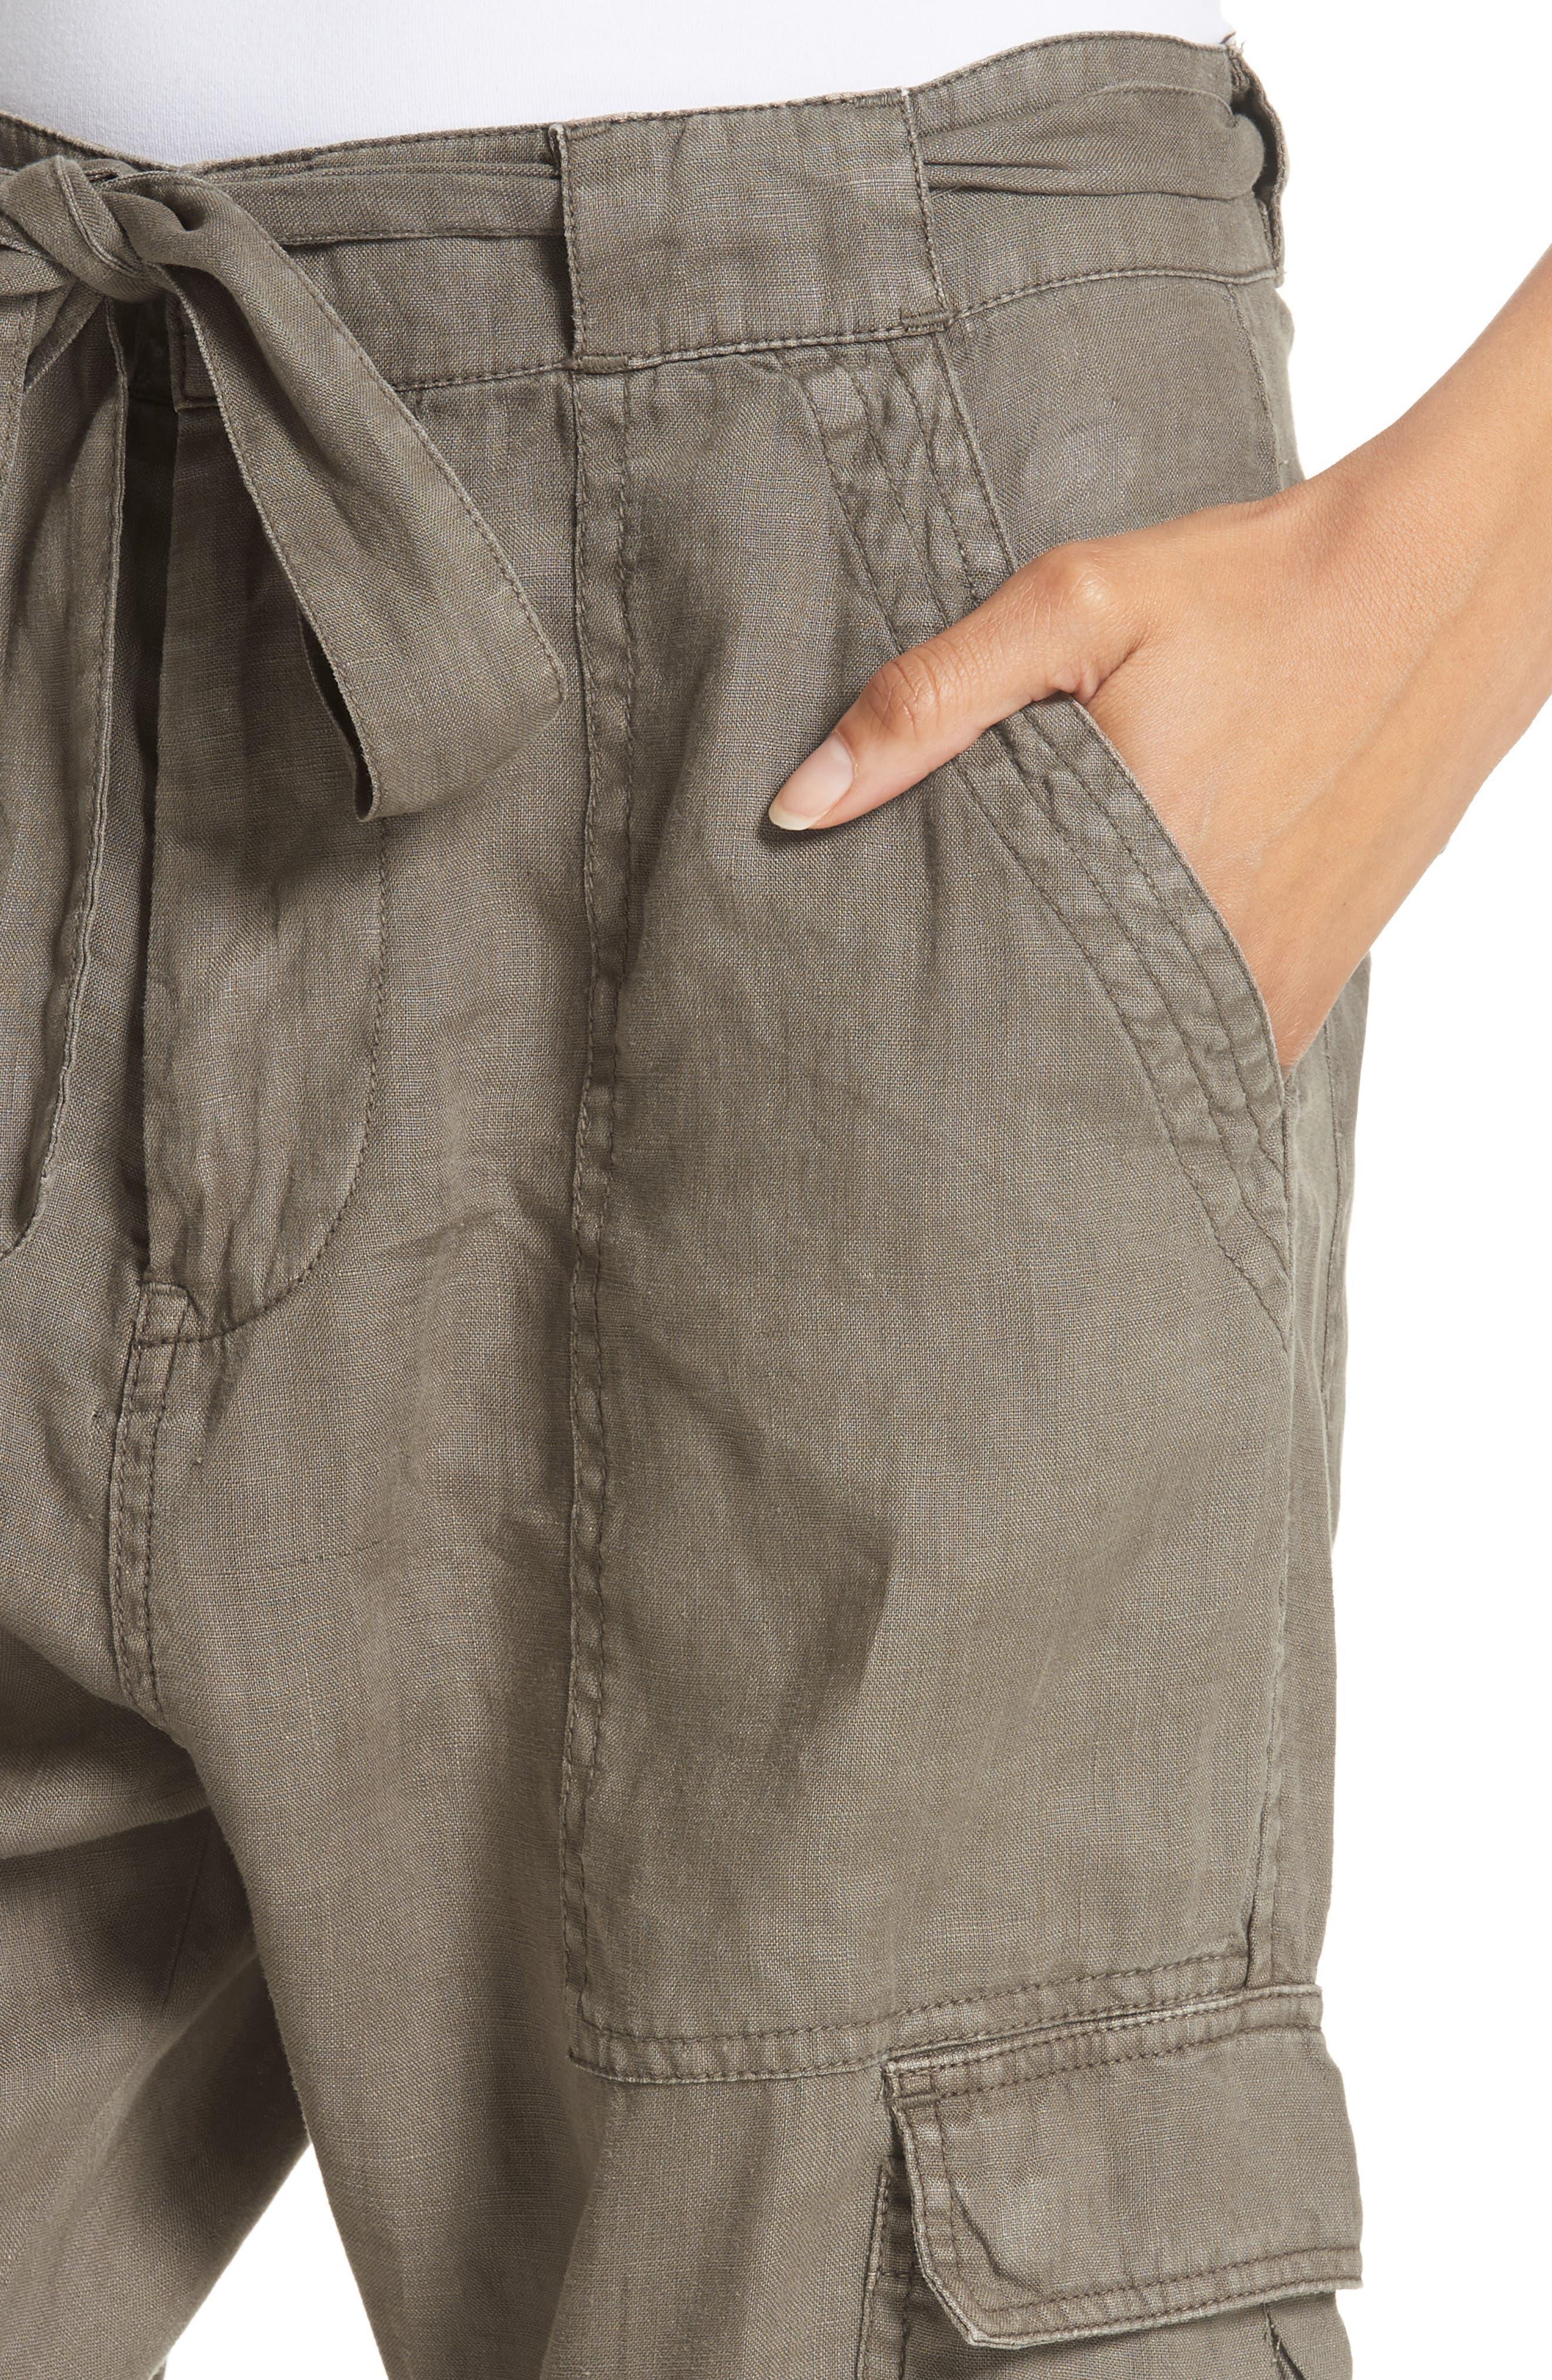 Erlette Linen Tie Cuff Crop Pants,                             Alternate thumbnail 8, color,